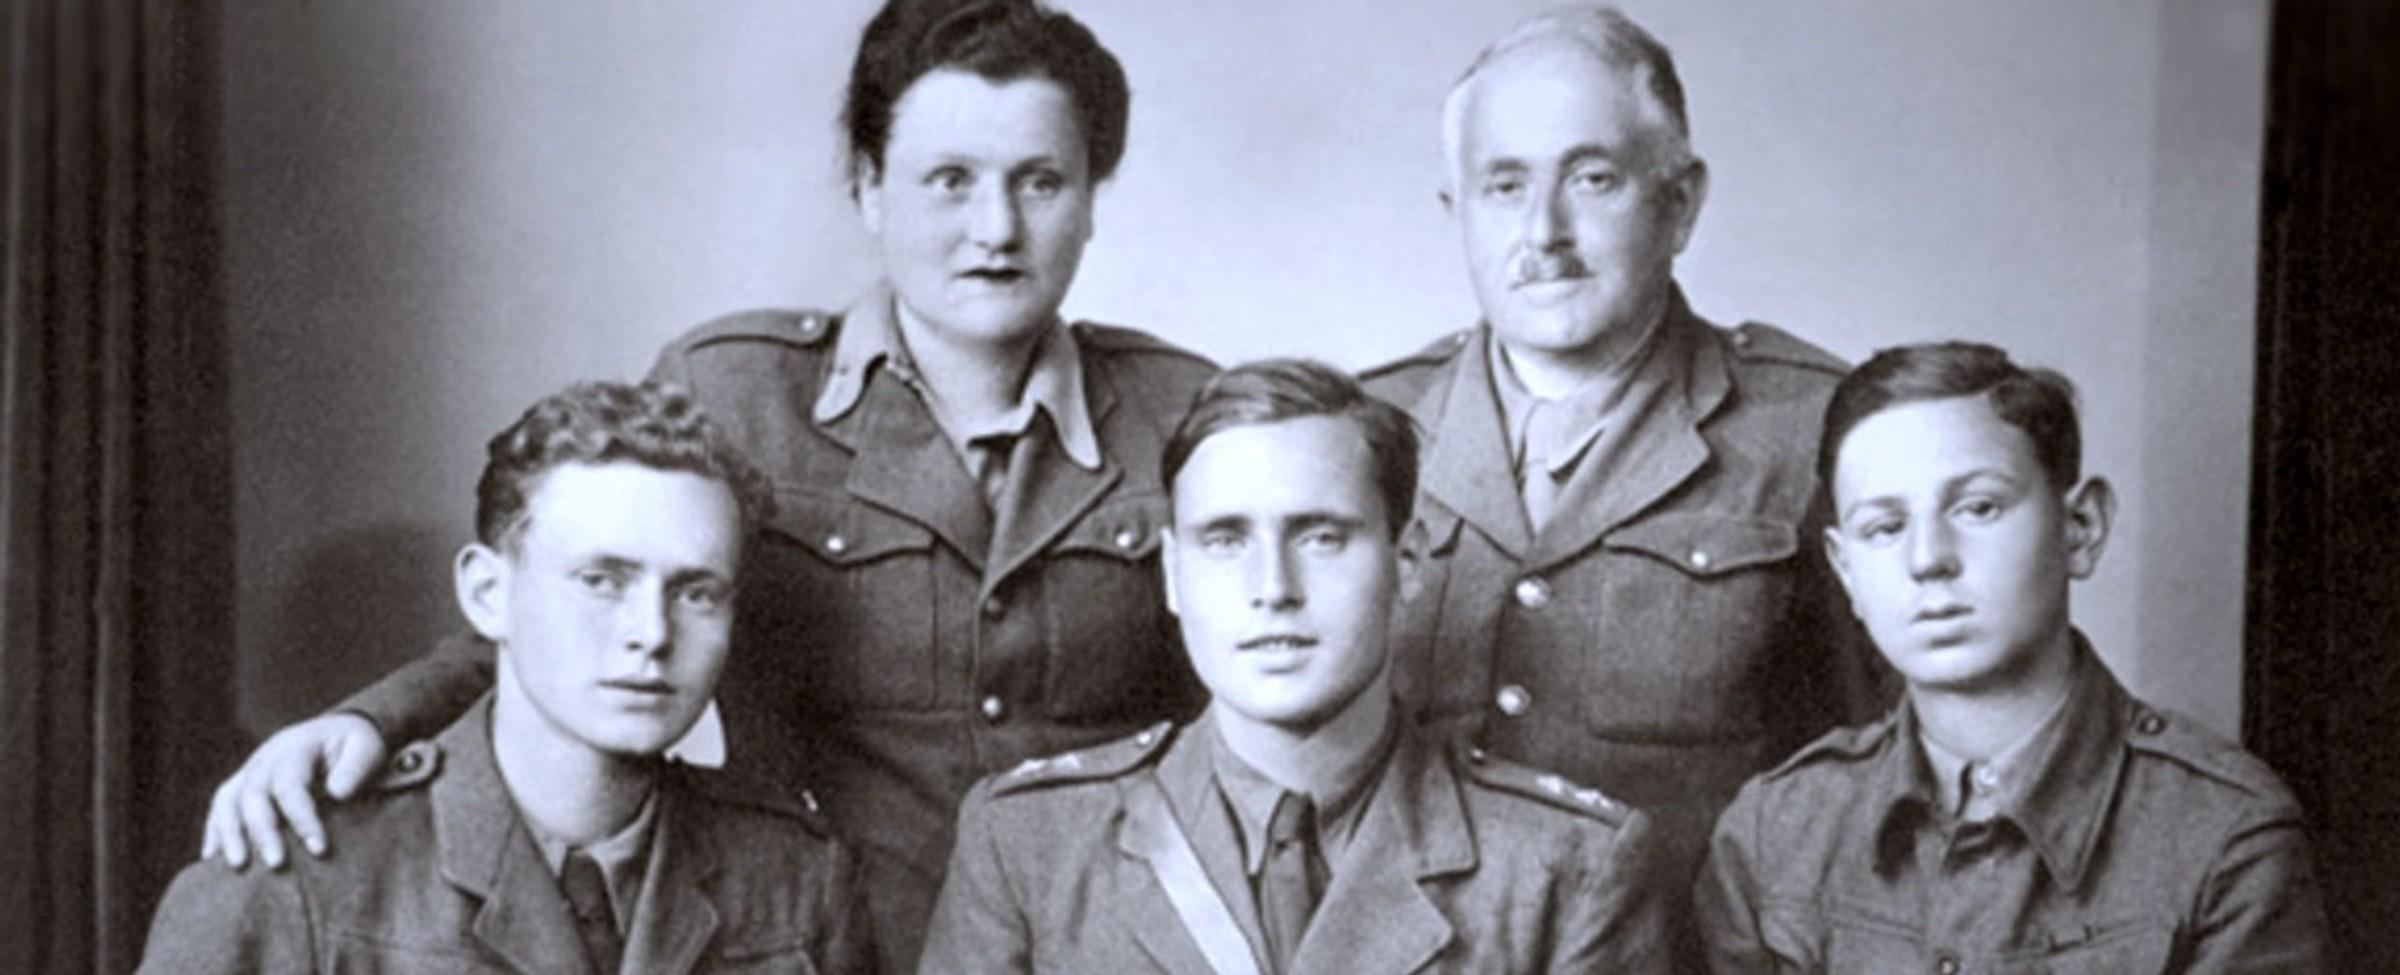 Bojovníci ze Západní a Východní fronty – deníček RAF